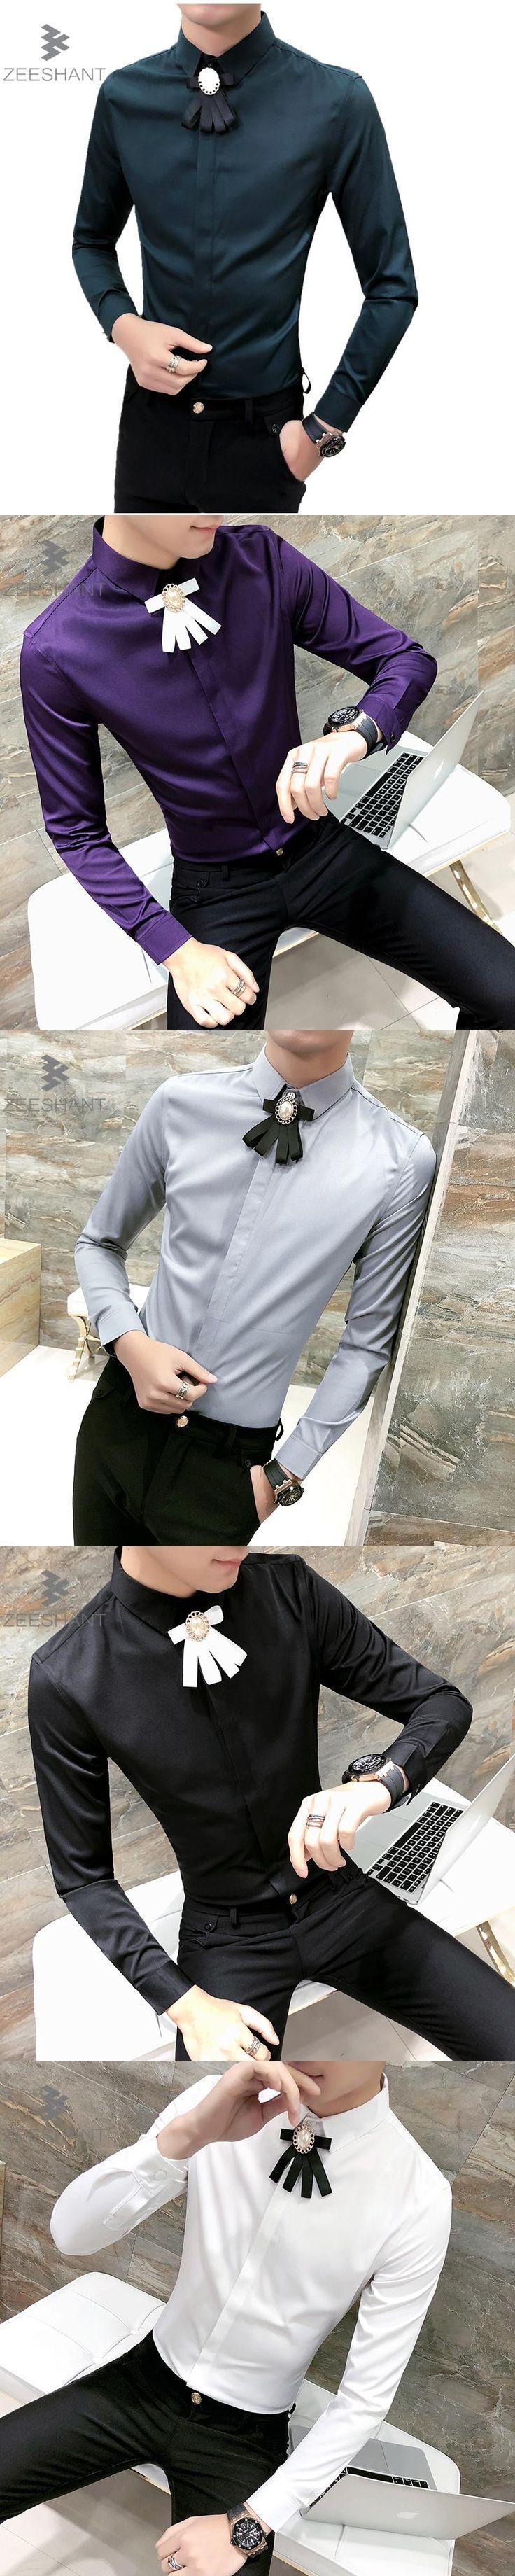 Zeeshant 2018 Mens Work Shirts Brand Long Sleeve Men Dress Shirts White Male Shirts in Men's Tuxedo Shirts XXXL